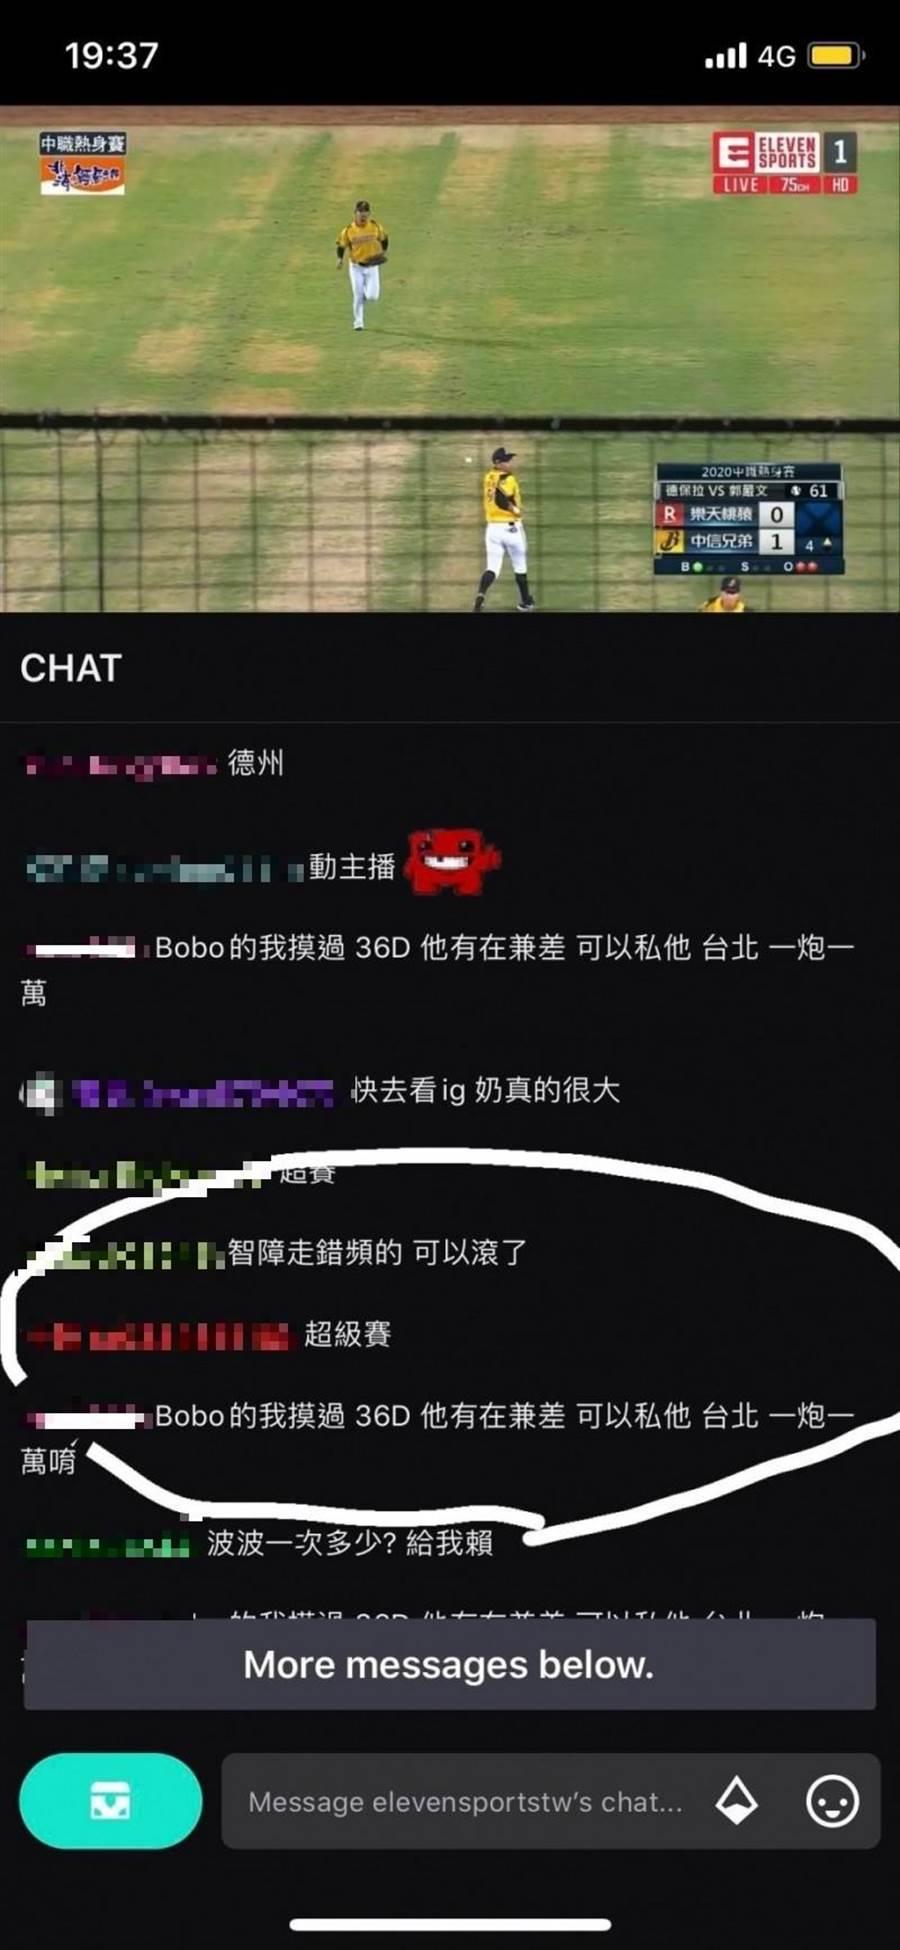 有網友留言聲稱bobo「有在兼差,可以私訊他,台北,一炮一萬唷」等,讓bobo氣得提告。(翻攝照片/林郁平台北傳真)